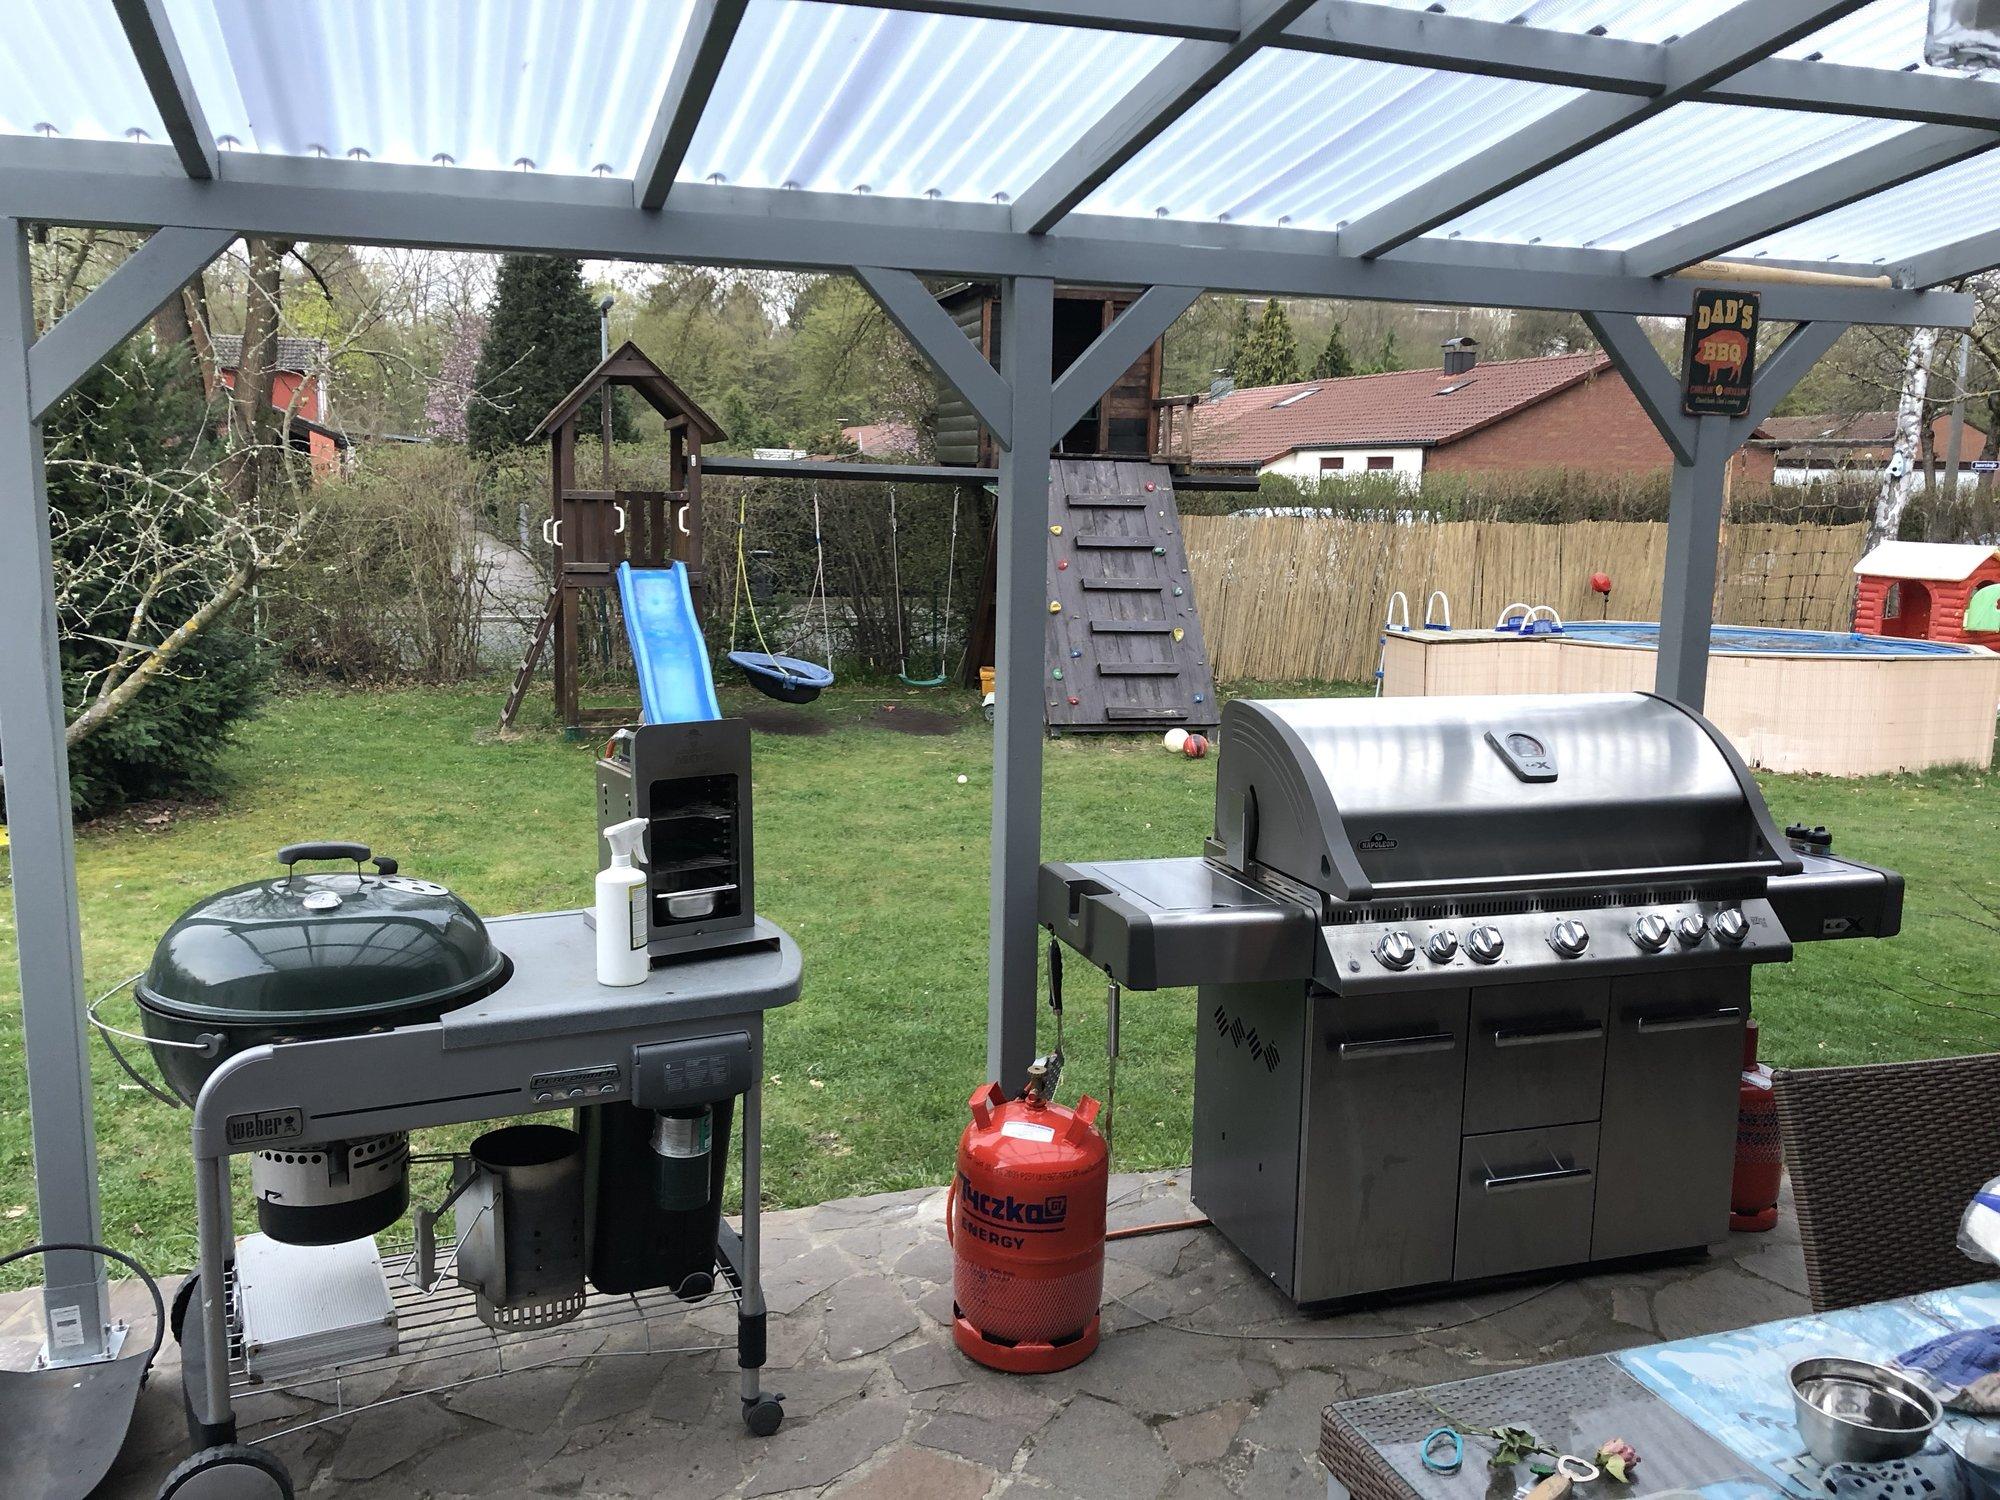 Weber Outdoor Küche Xxl : Grillstandüberdachung und dann outdoorküche viele bilder